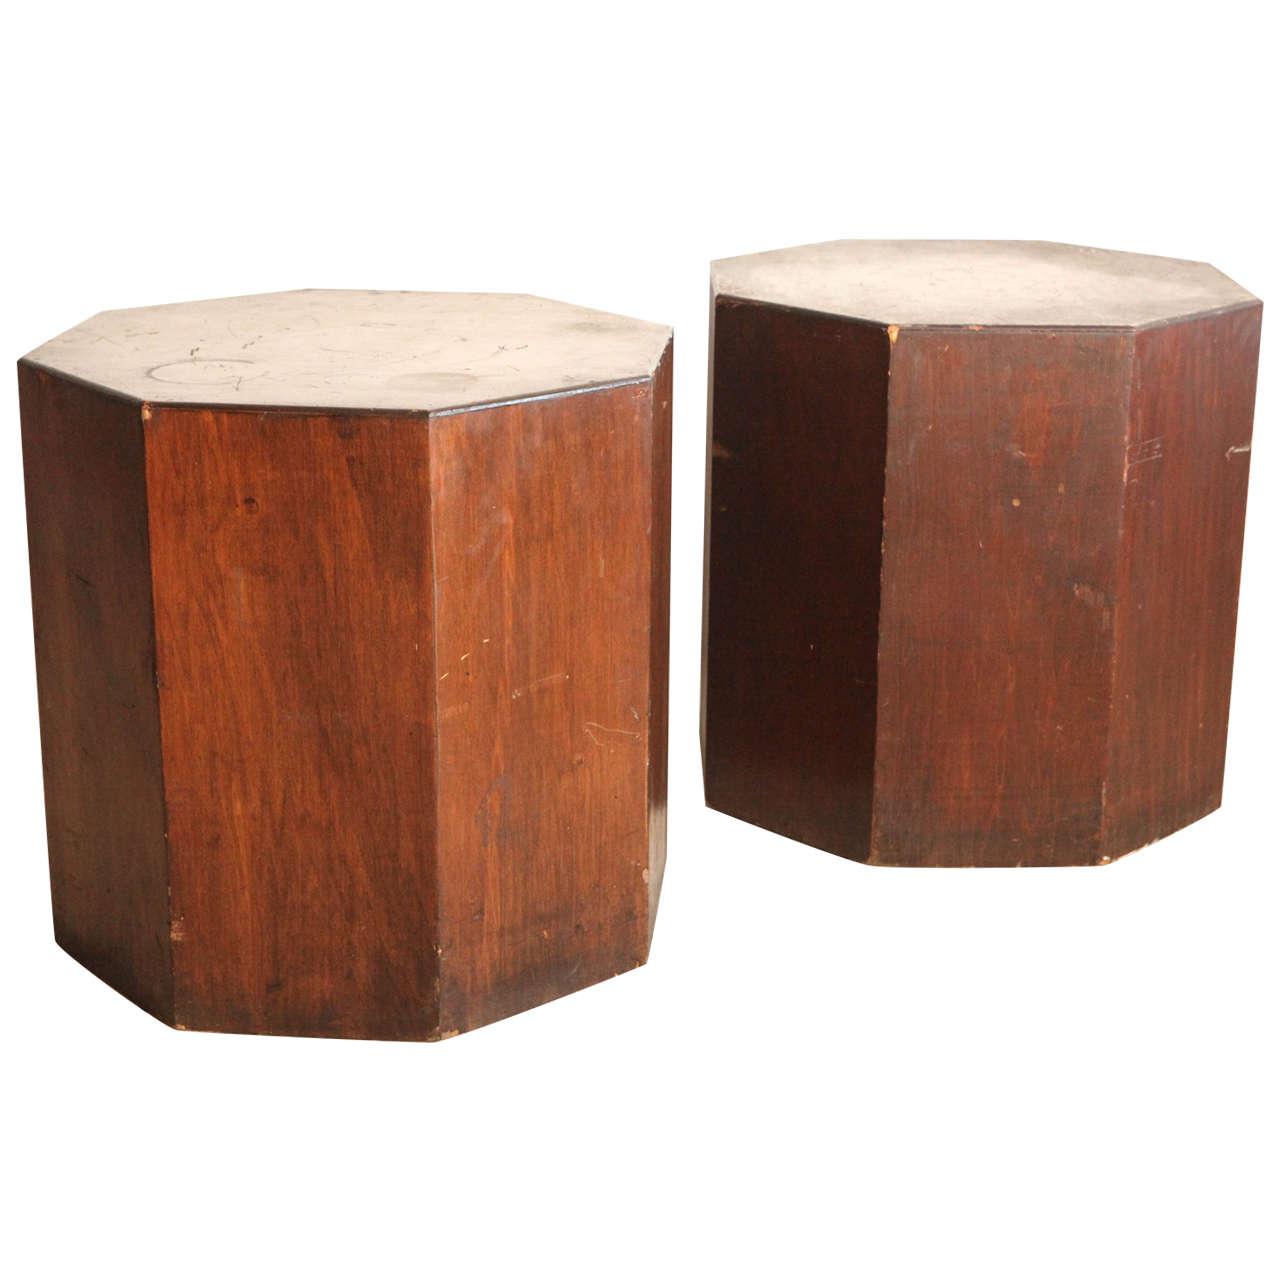 Gentil Rustic Wood Octagonal Prism Side Tables For Sale